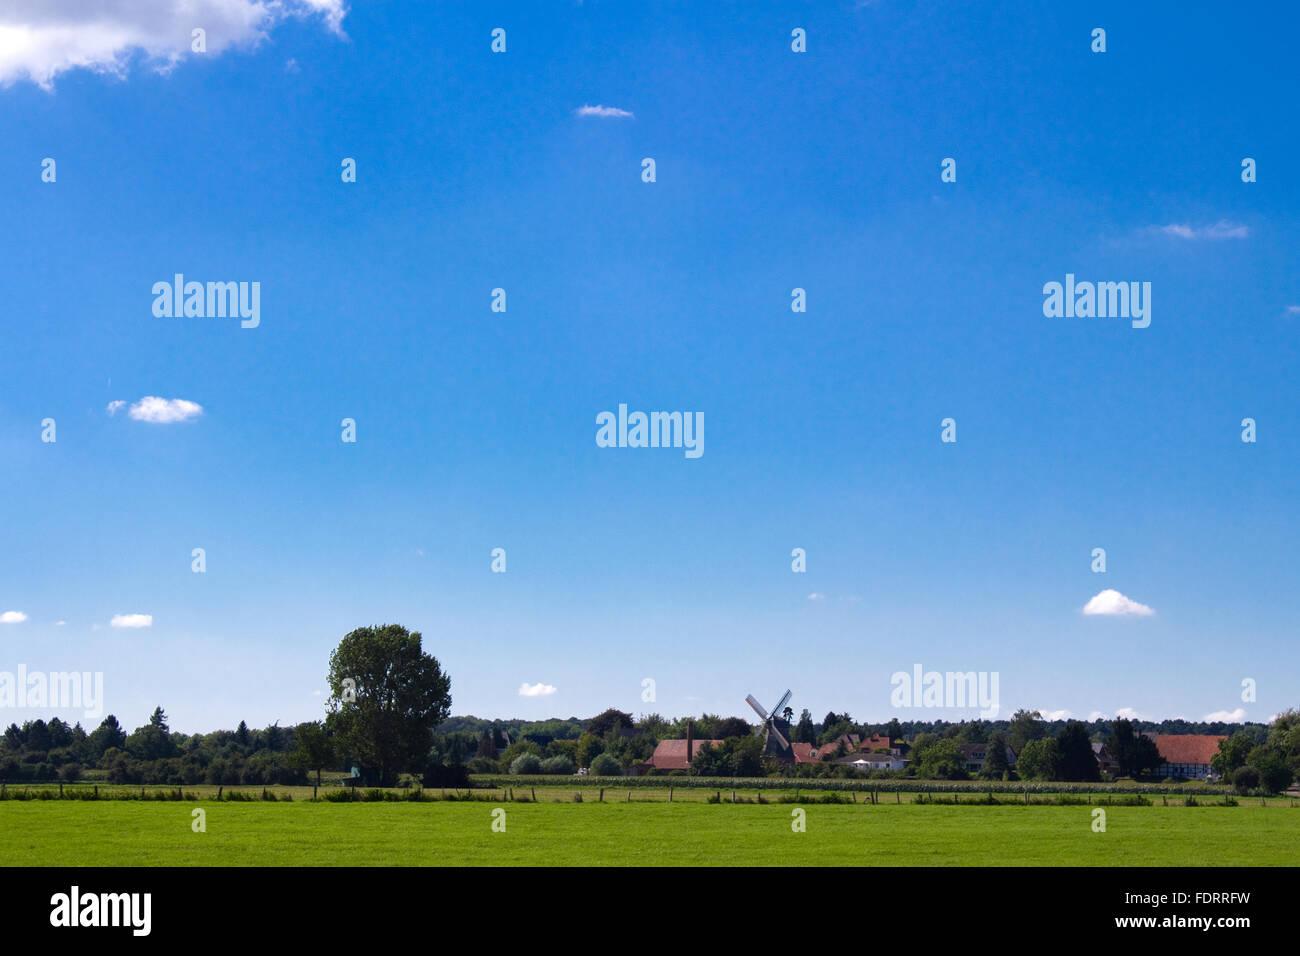 village,sky,rural scene - Stock Image